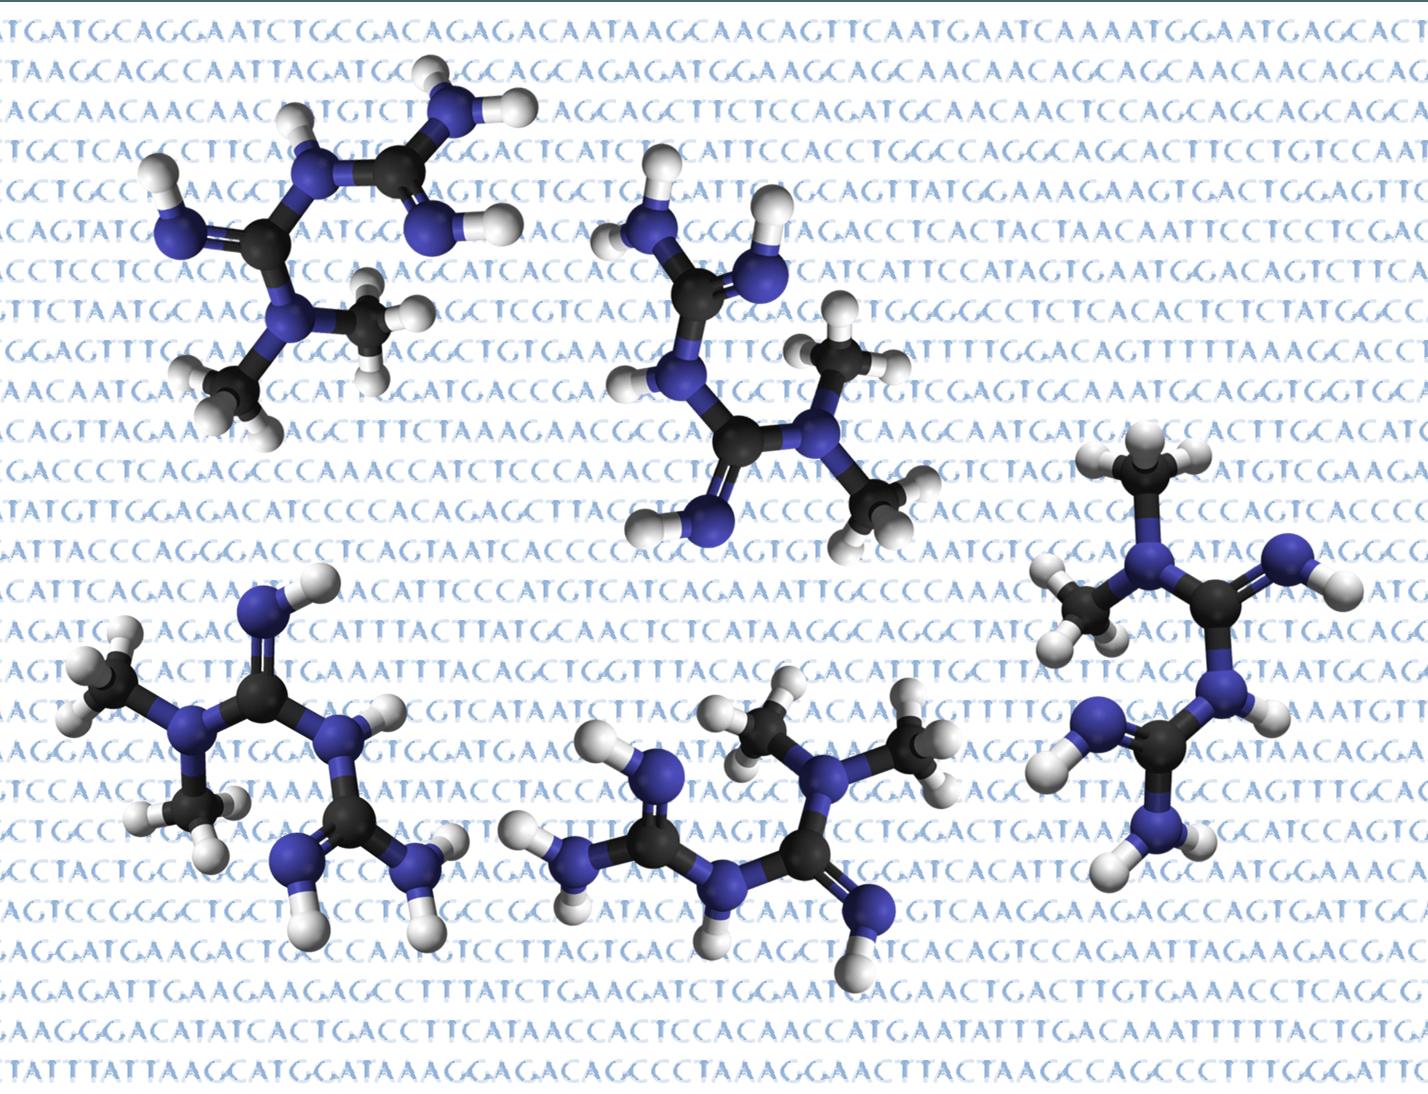 La metformina es uno de los principales fármacos utilizados en el tratamiento de la diabetes tipo 2. Un estudio revela que variaciones en el gen SLCA2A influyen en la respuesta a la metformina.